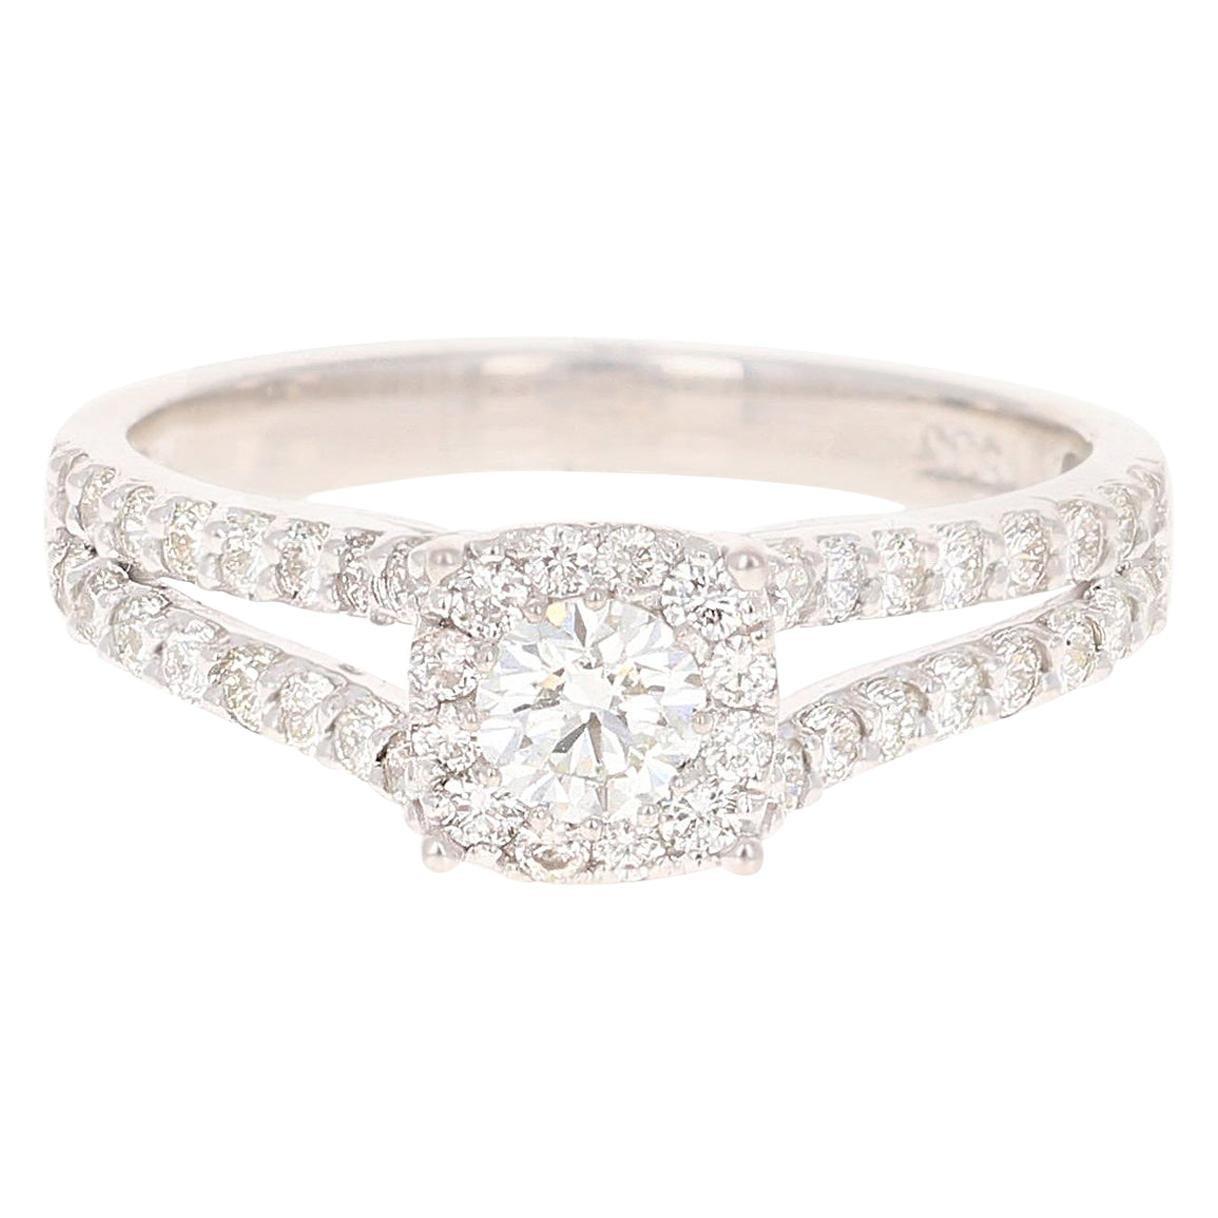 0.95 Carat Diamond 14 Karat White Gold Cluster Bridal Ring